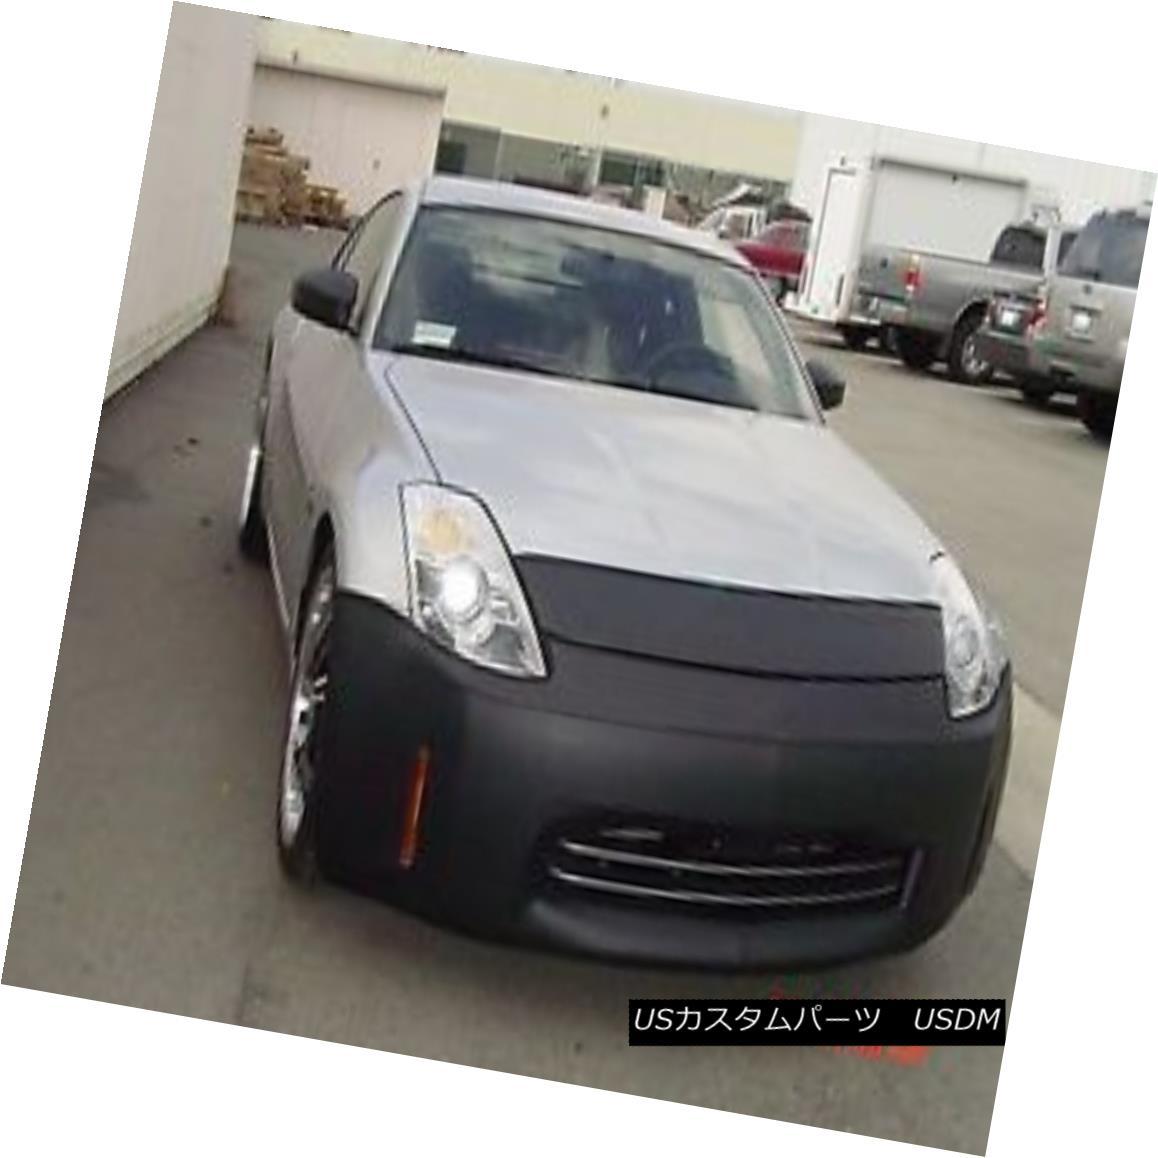 フルブラ ノーズブラ Colgan Front End Mask Bra 2pc. Fits Nissan 350Z 2006-2008 With License Plate コルガンフロントエンドマスクブラ2pc ライセンスプレート付き日産350Z 2006-2008に適合